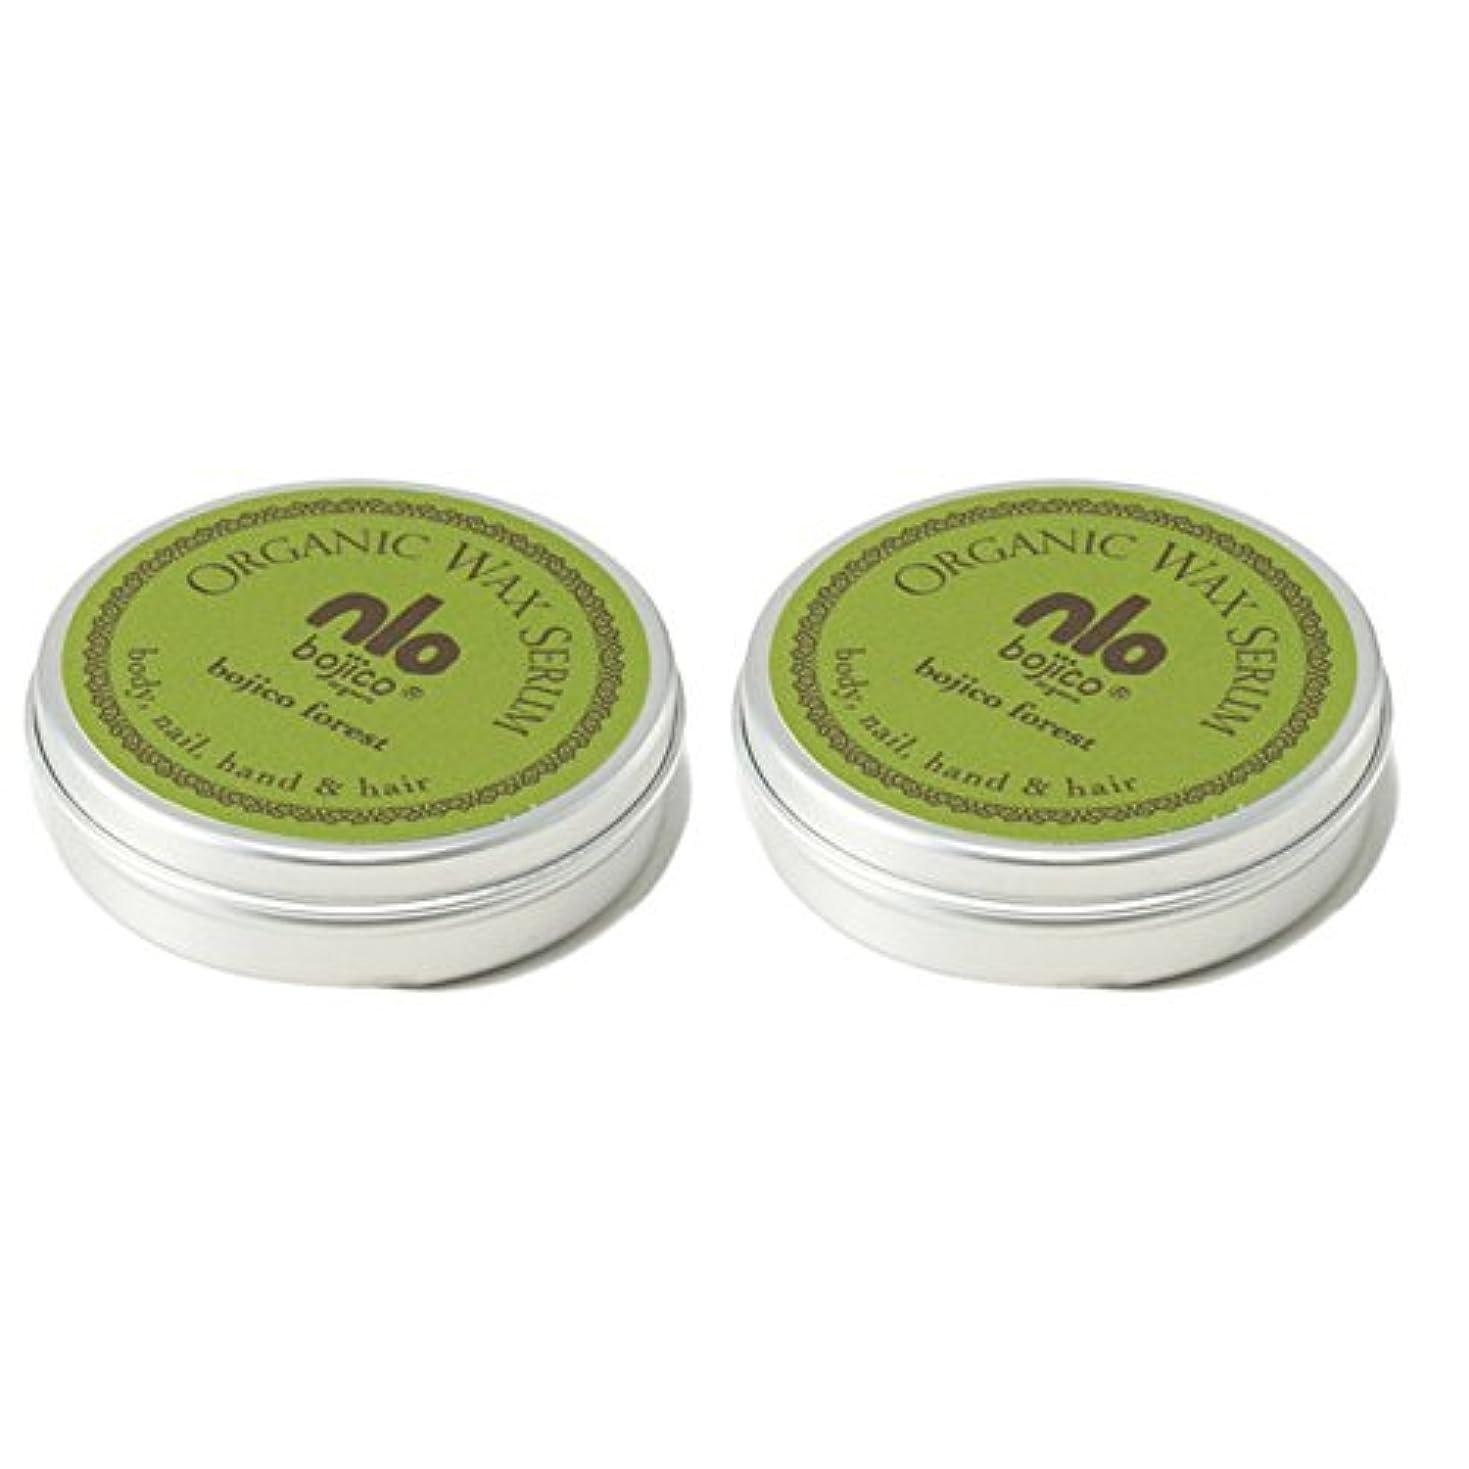 準備ができてシェフ倫理的【40g×2個セット】 ボジコ オーガニック ワックス セラム <フォレスト> bojico Organic Wax Serum 40g×2